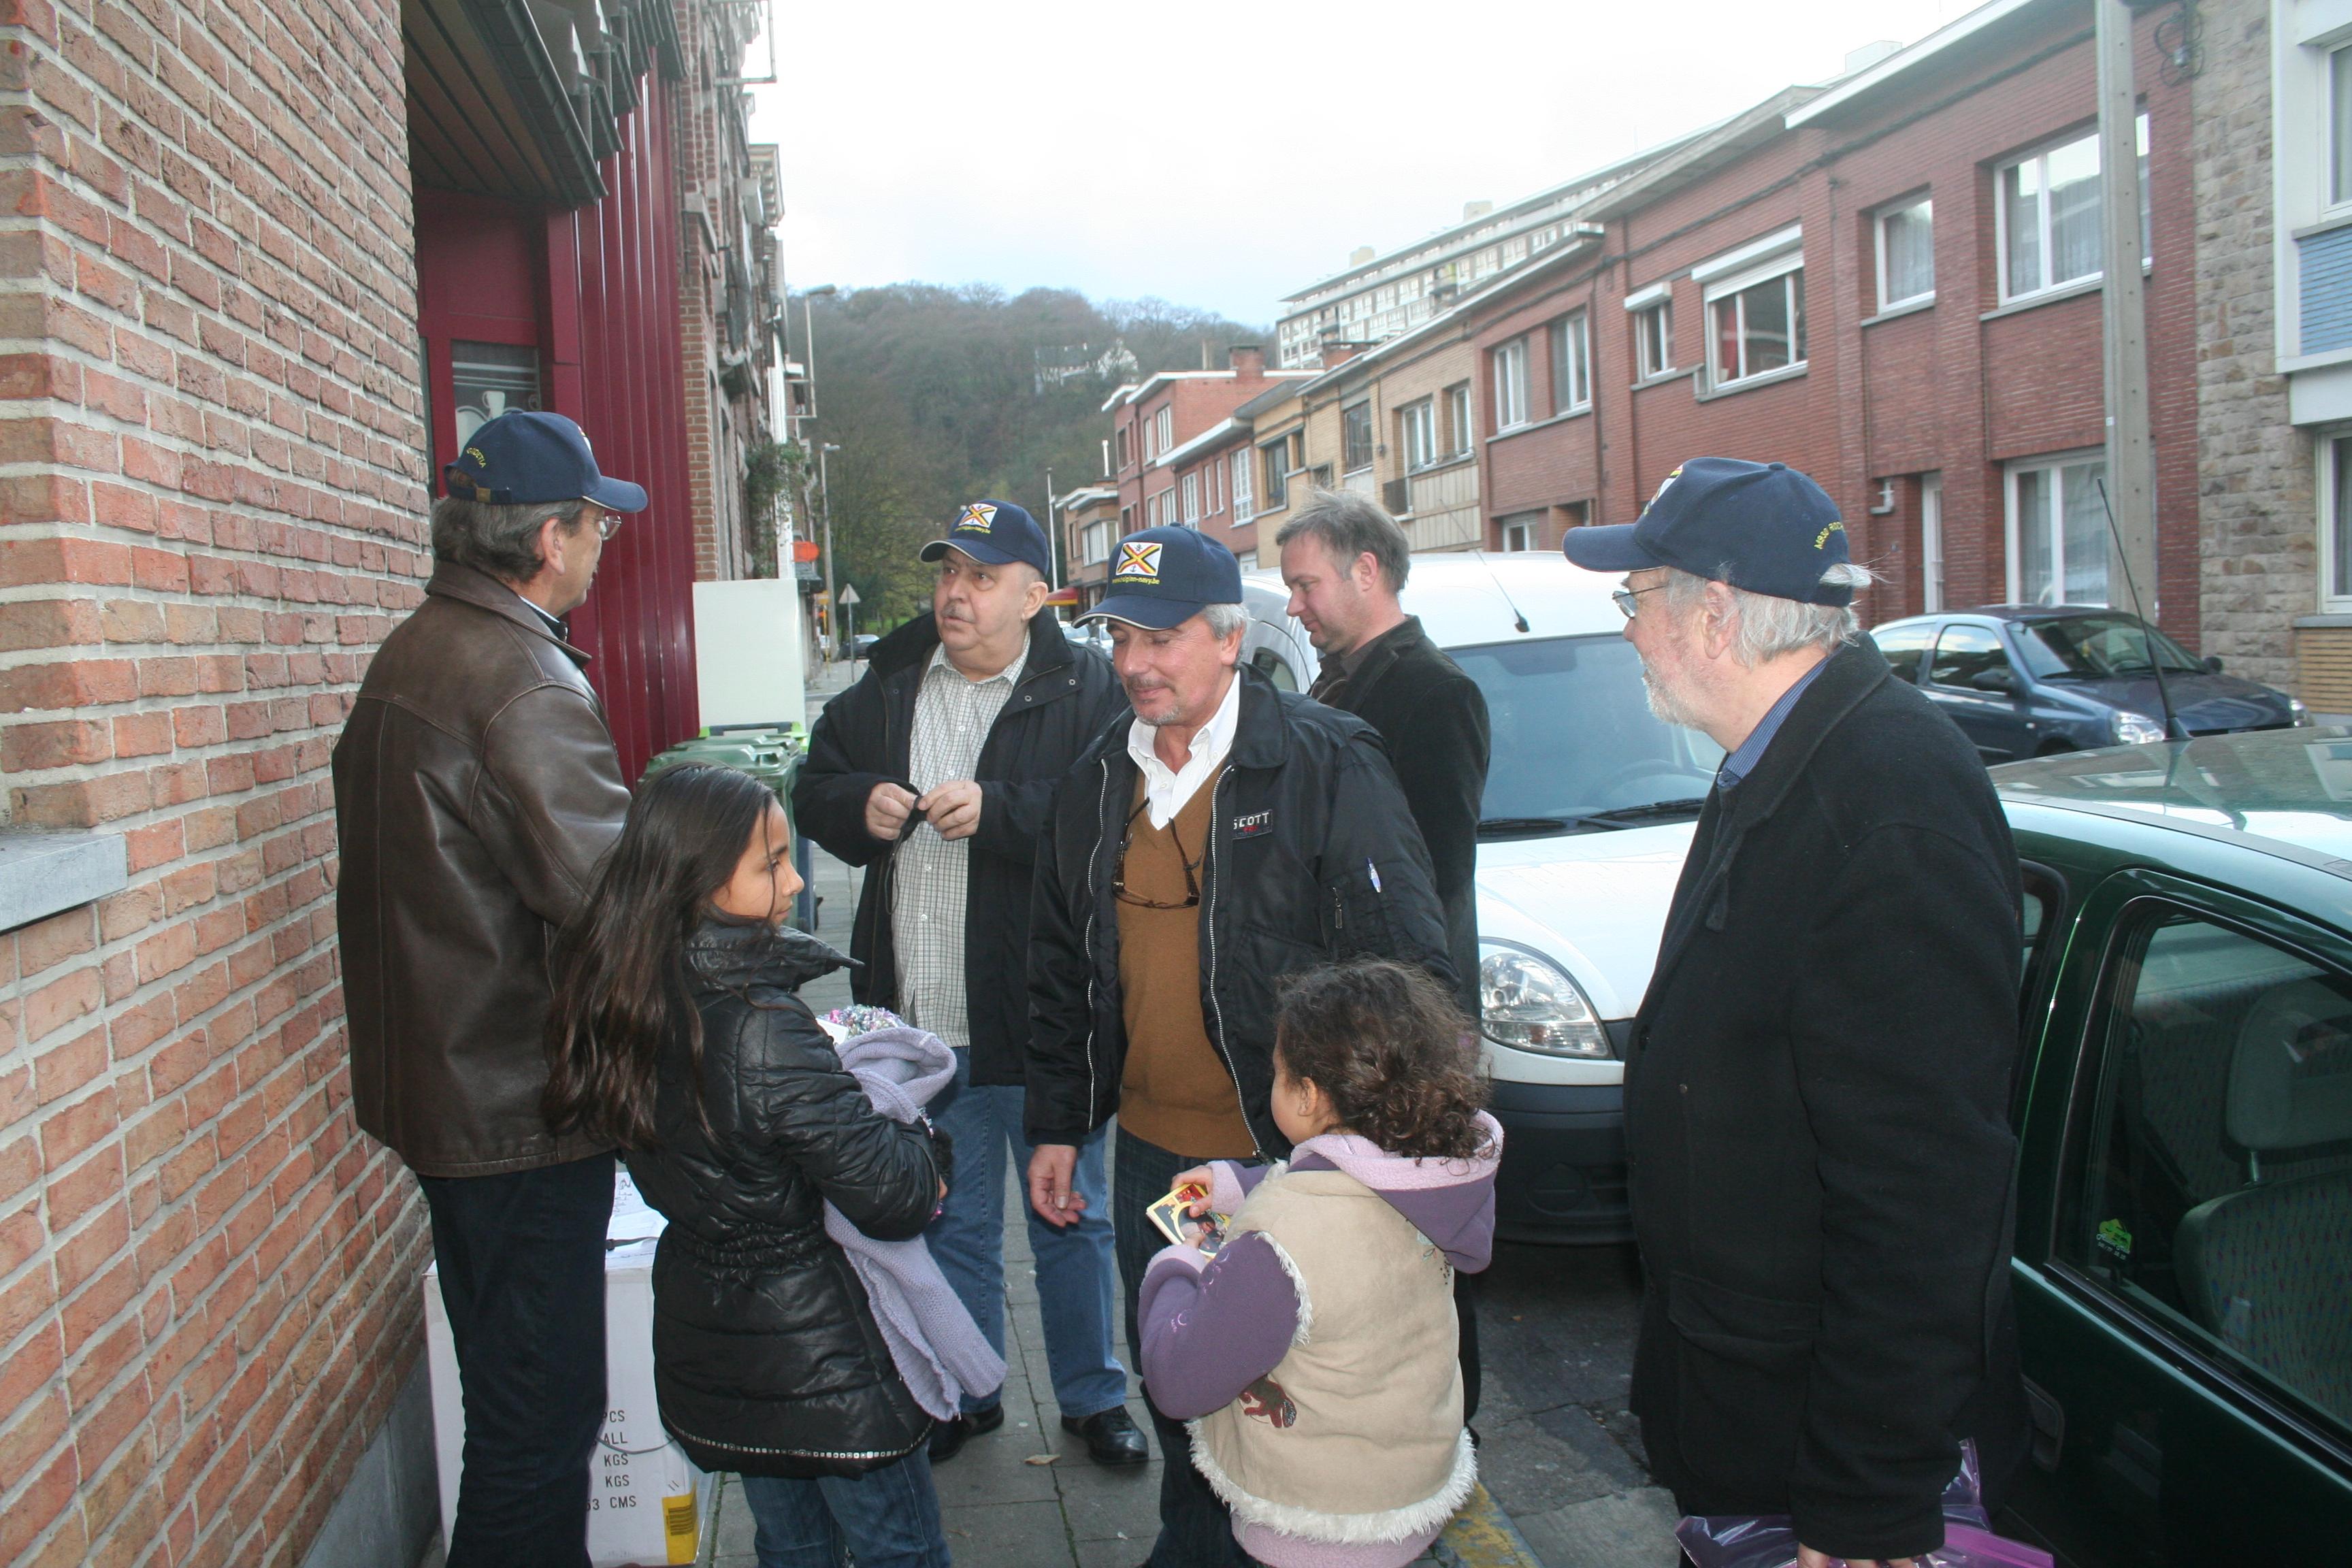 Remise des polos/casquettes à Liège en novembre - Page 3 1011280306021095837207527